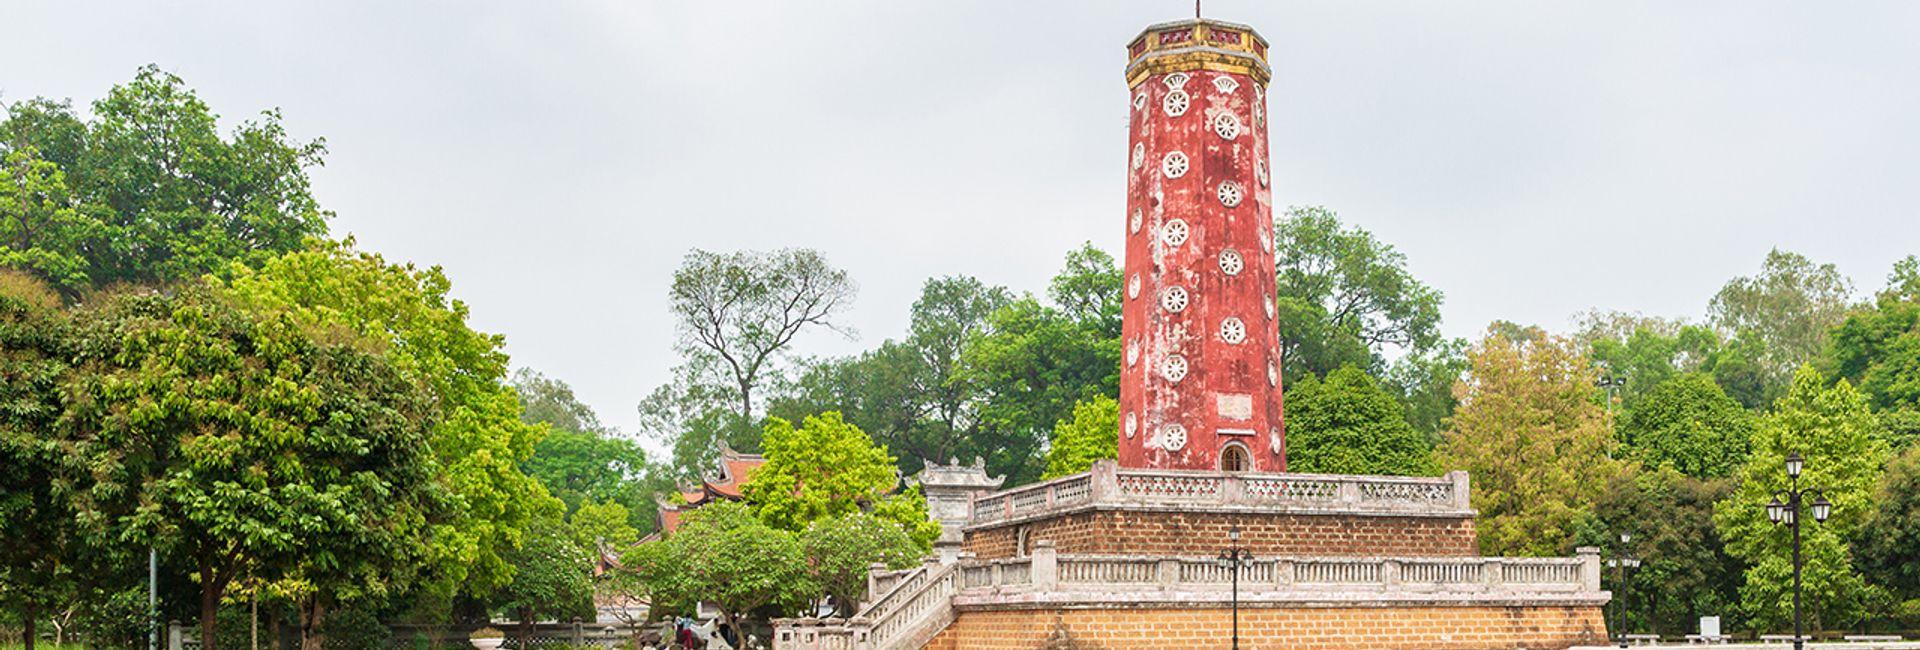 Thành cổ Sơn Tây - Thành cổ đá ong độc đáo